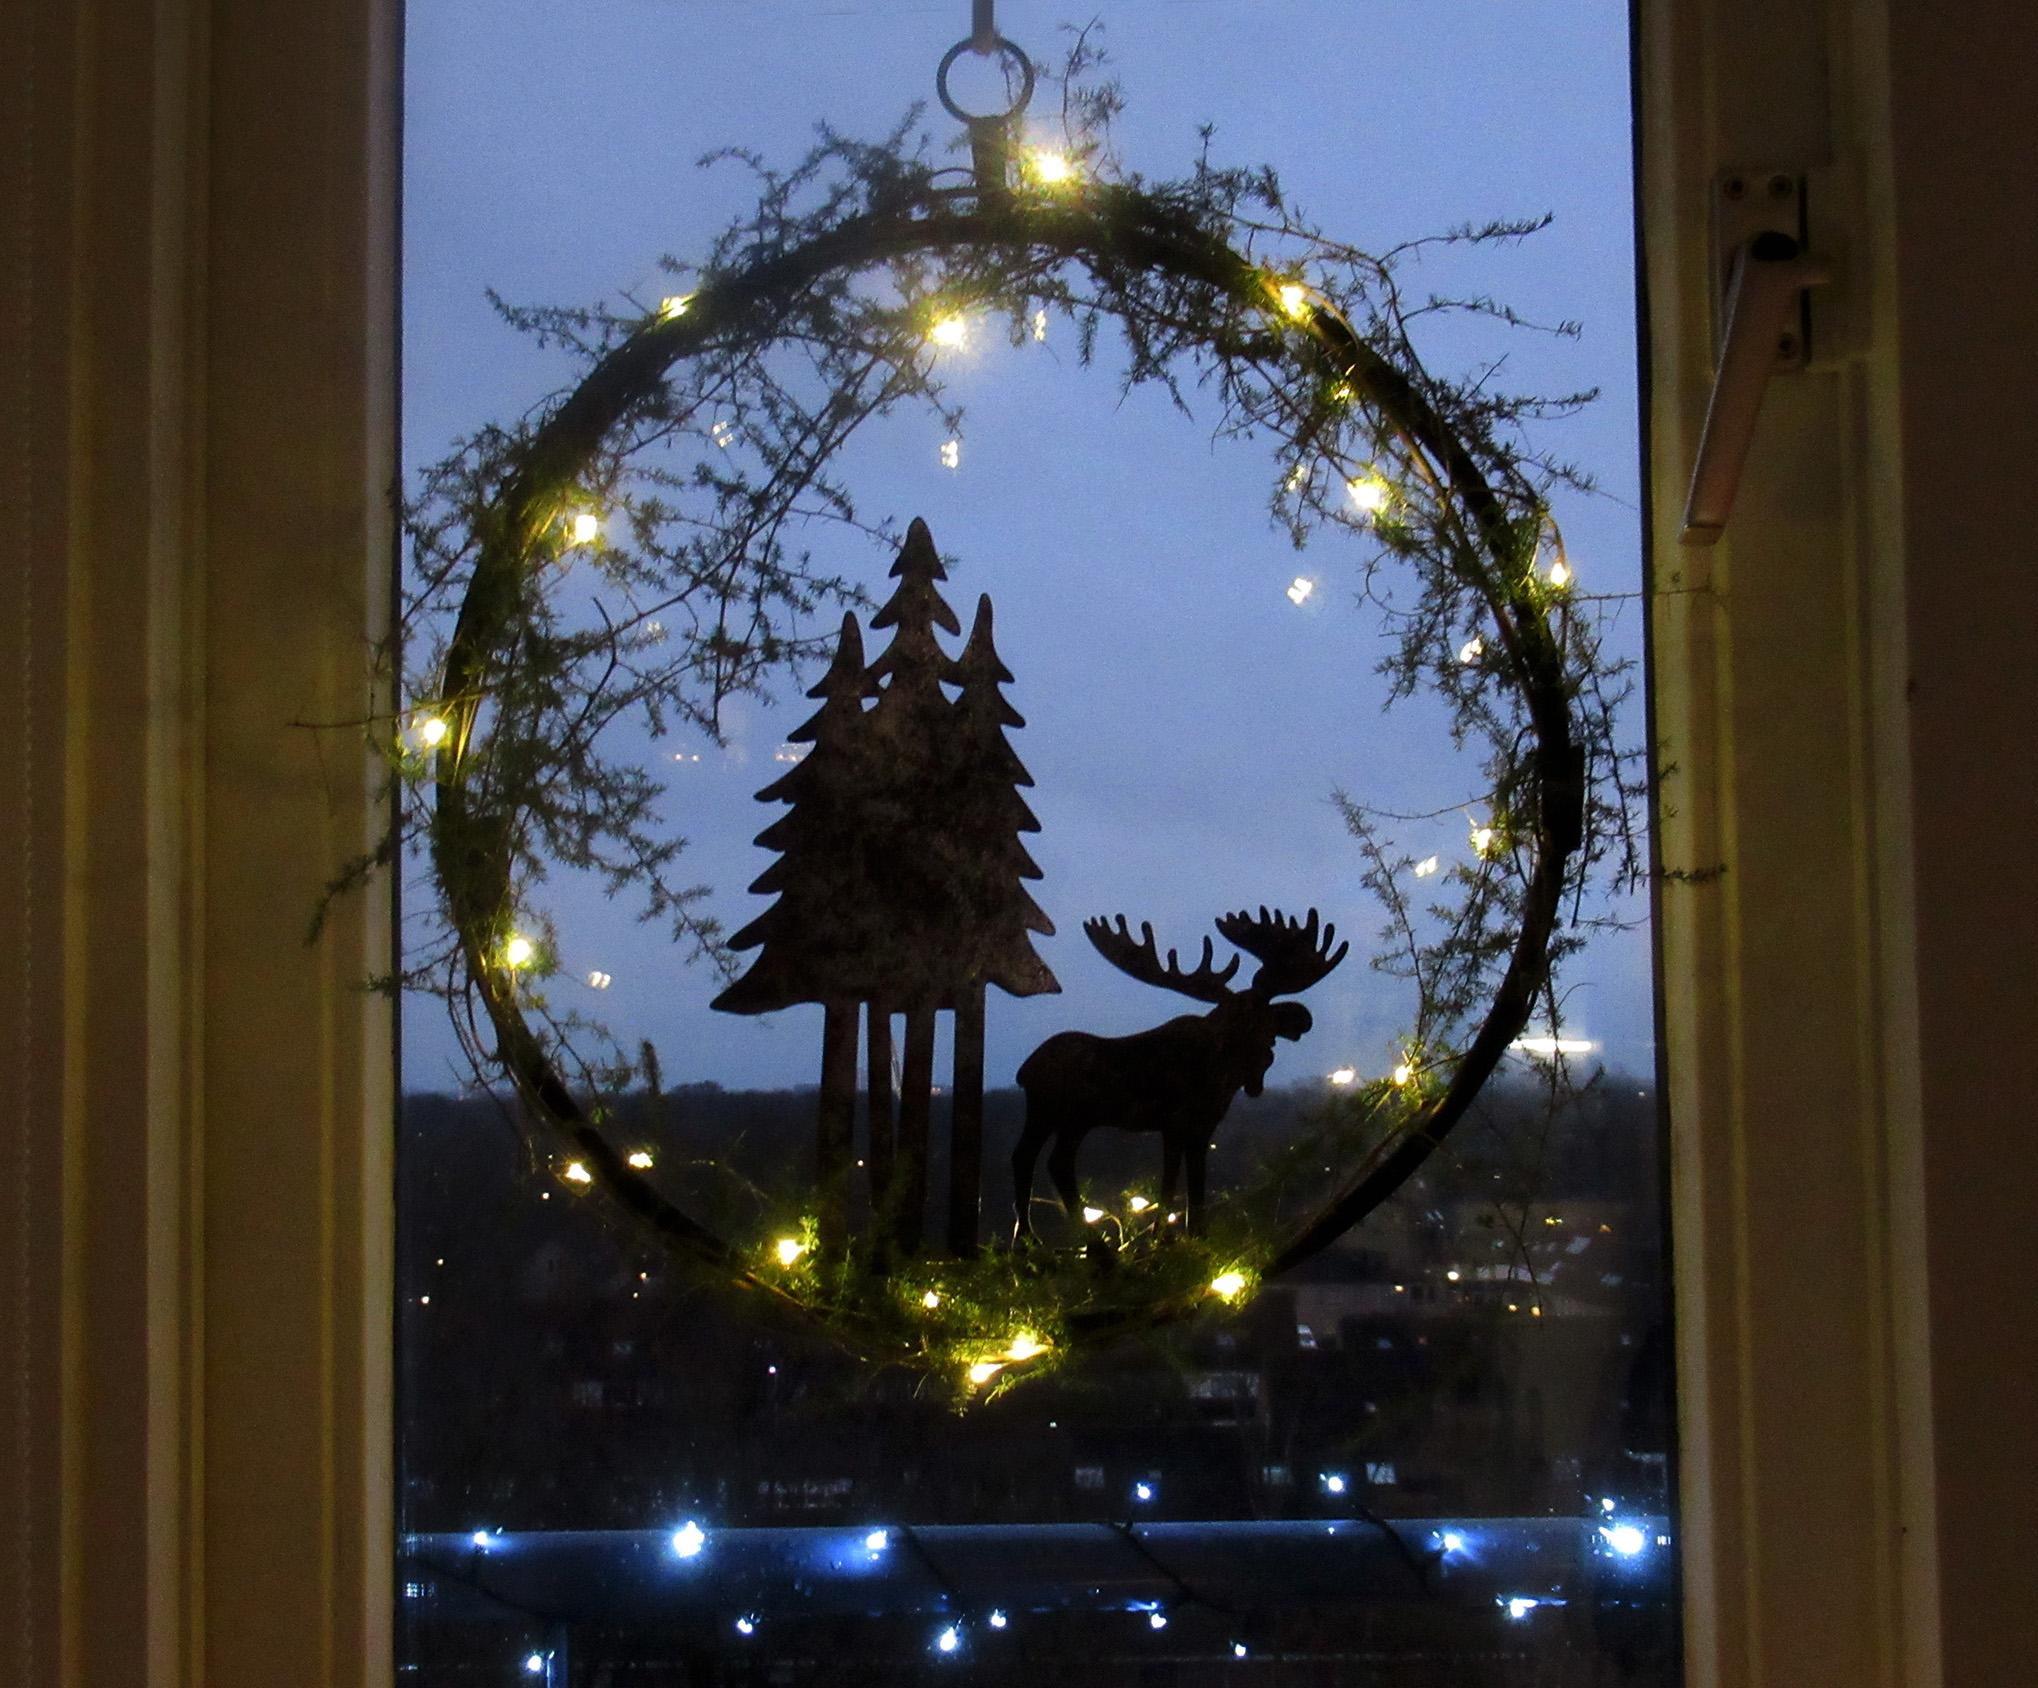 De Kerstkrans hangt nu voor het raam in onze woonkamer - Foto: ©Louis Fraanje